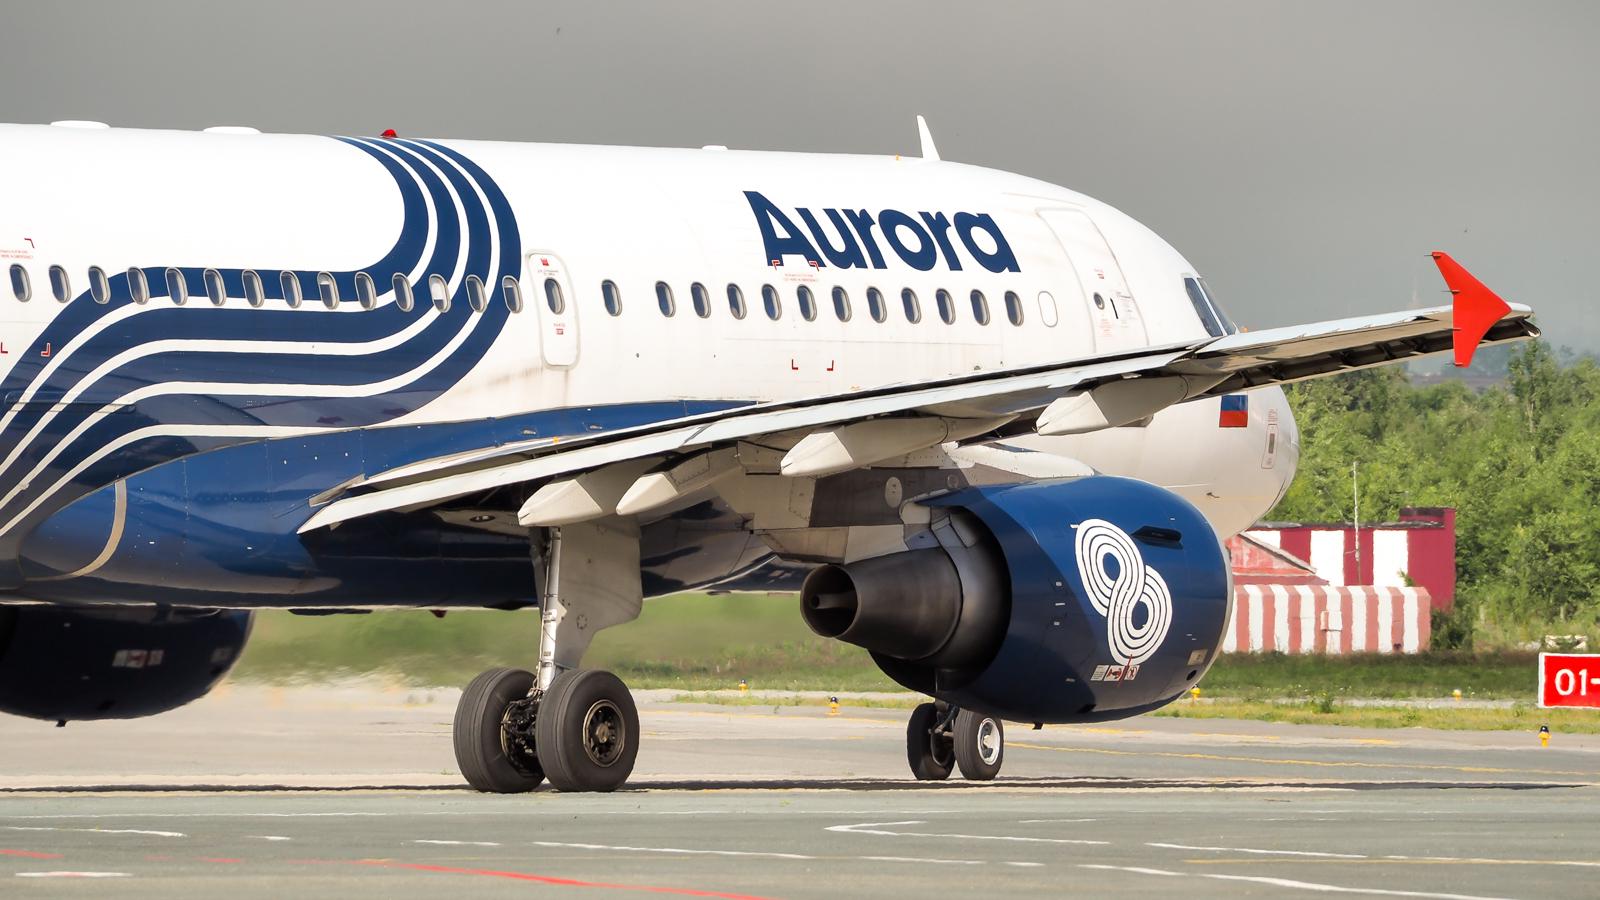 Авиабилеты из Москвы в Магадан на весь август отсутствуют